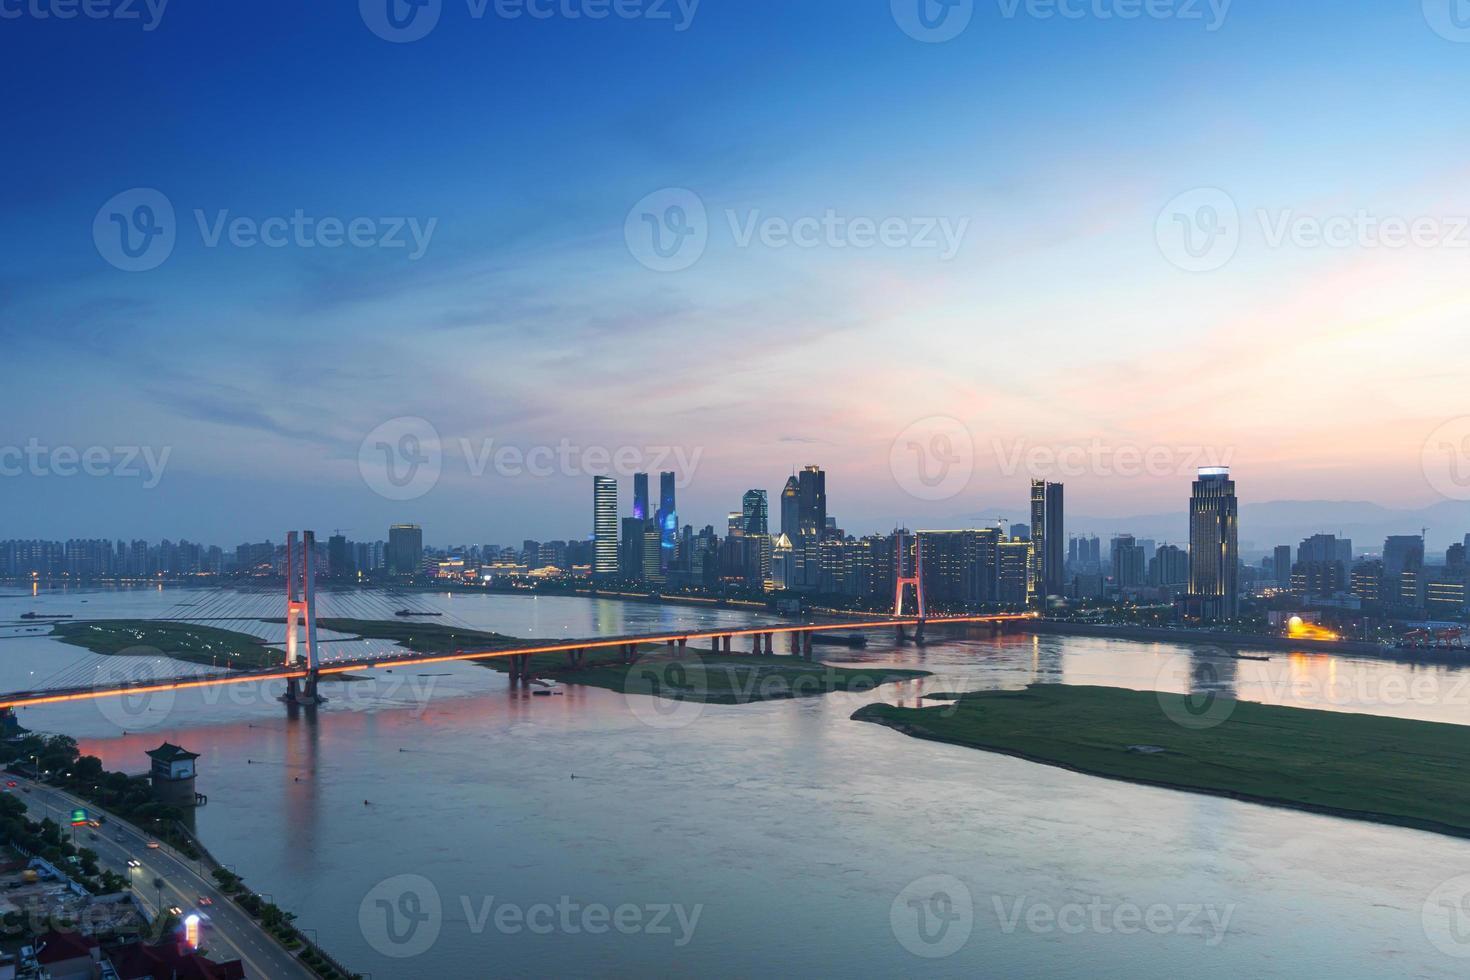 Nanchang, Jiangxi river views photo